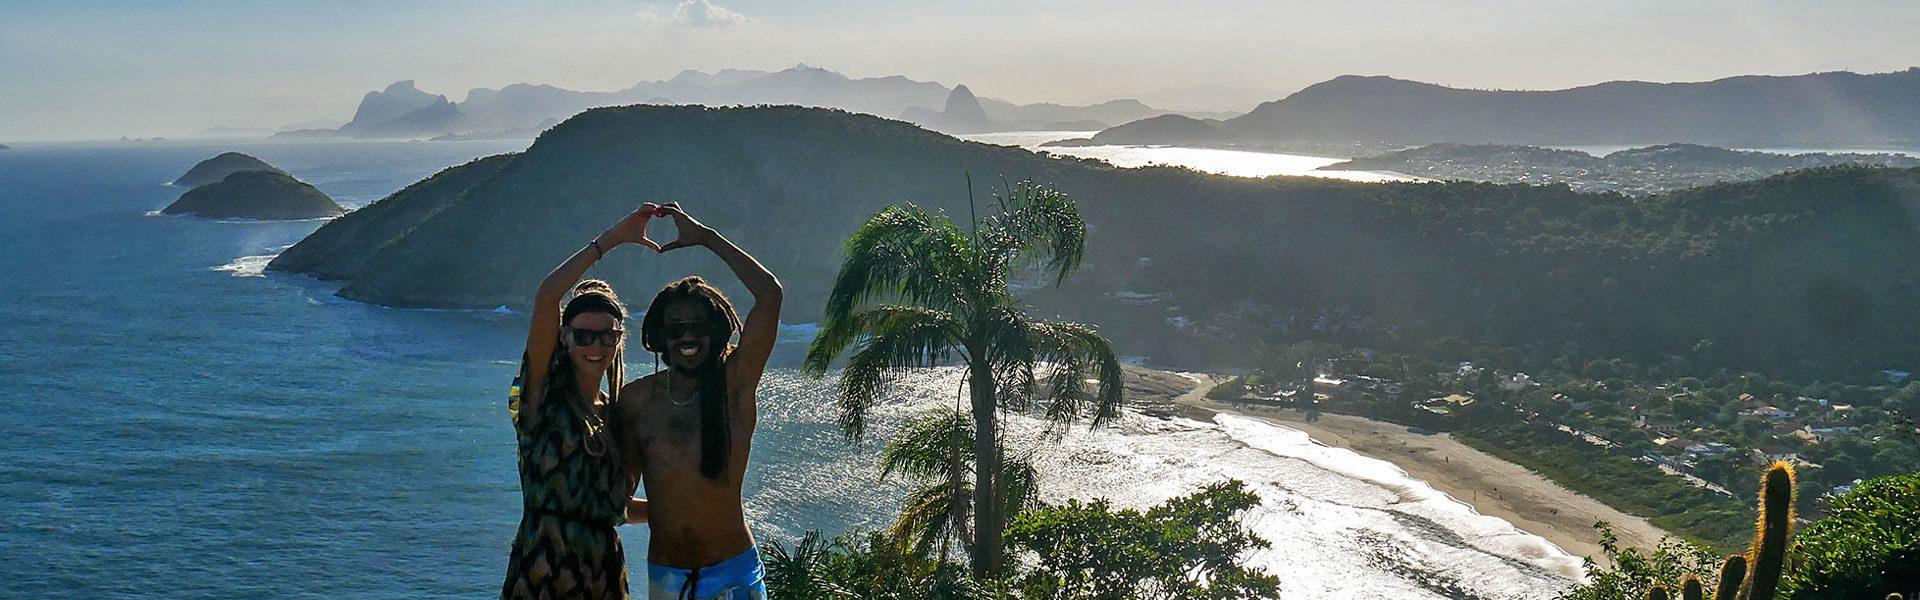 Rasta couple on mountain in Itacoatiara in Niterói, Brazil